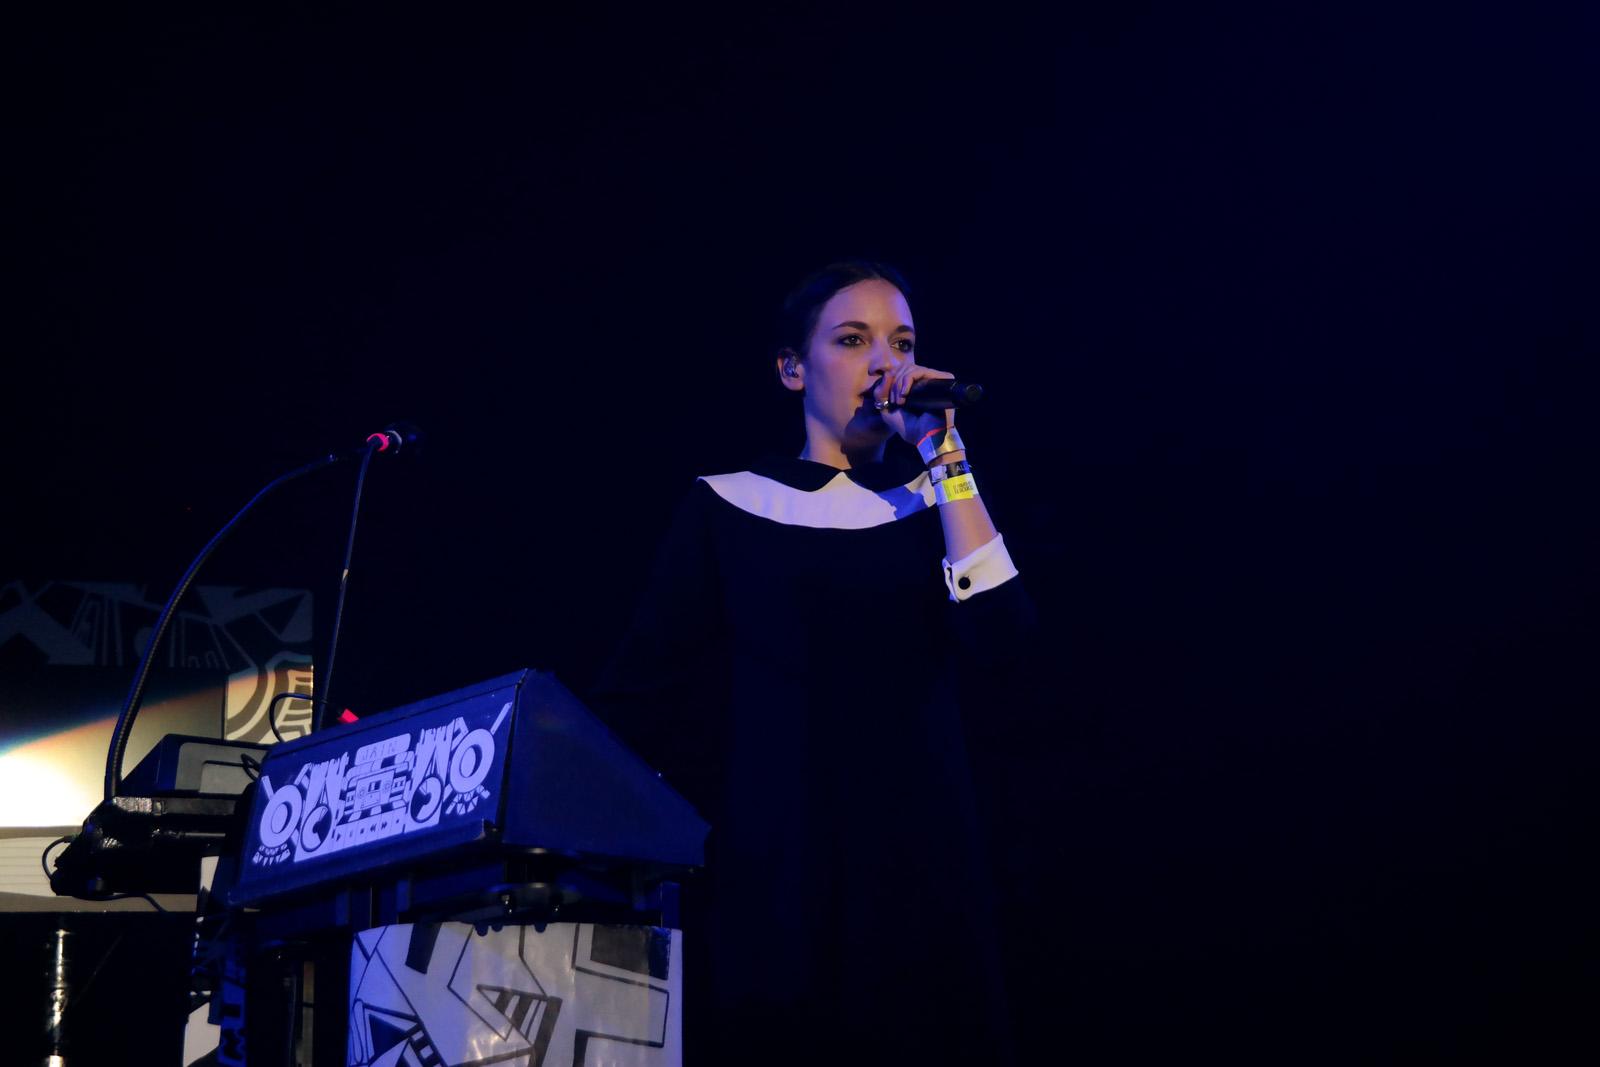 Jain concert live Printemps de bourges 2016 festival musique album zanaka tour photo scène United states of paris Blog